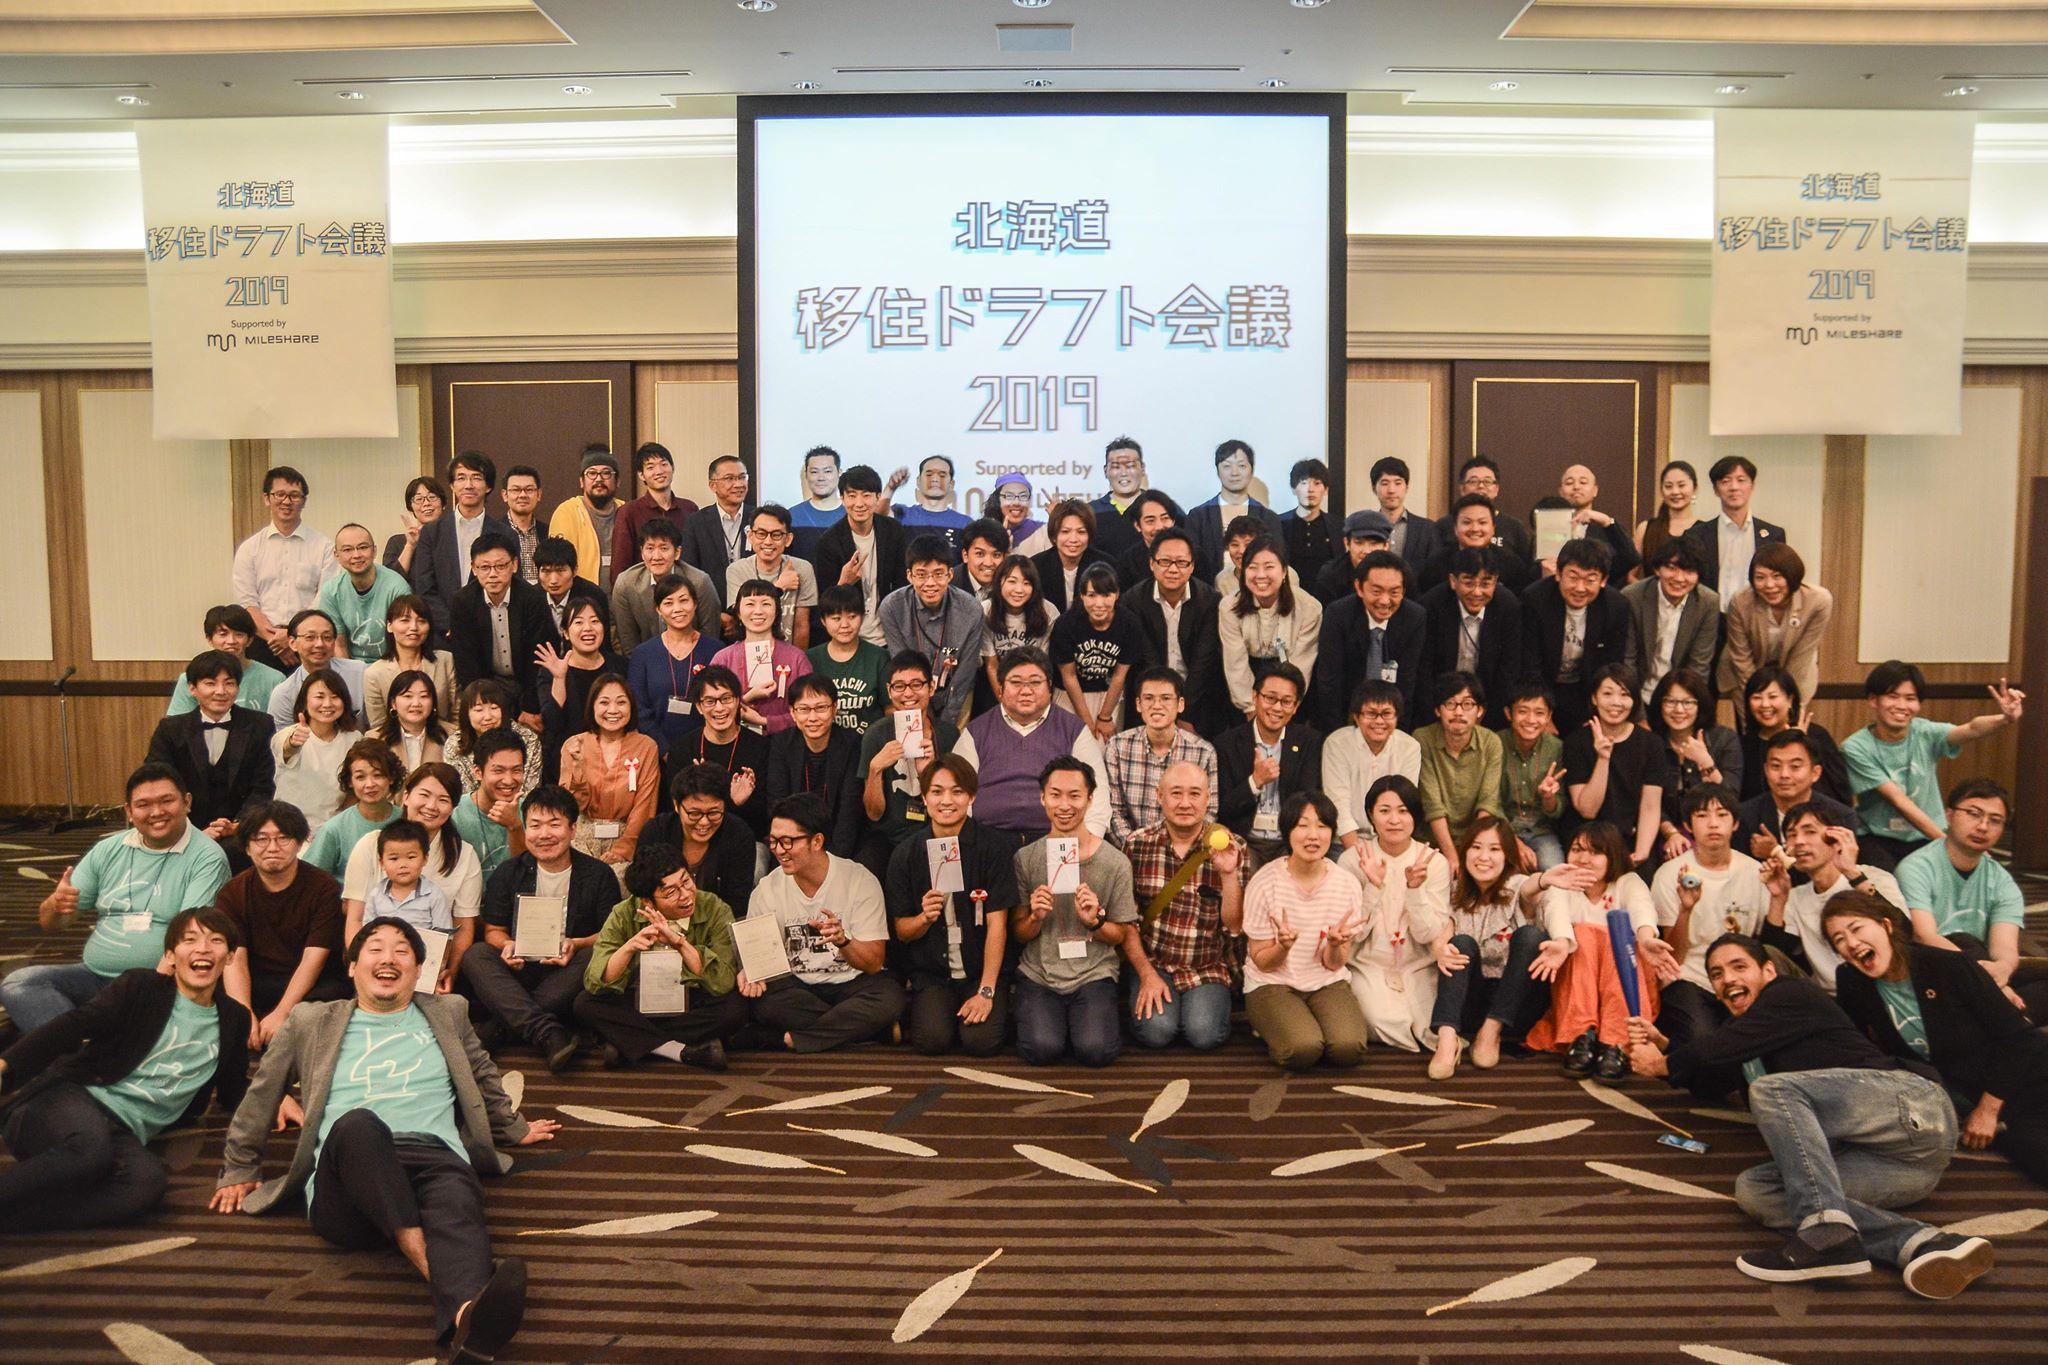 北海道移住ドラフト会議2019